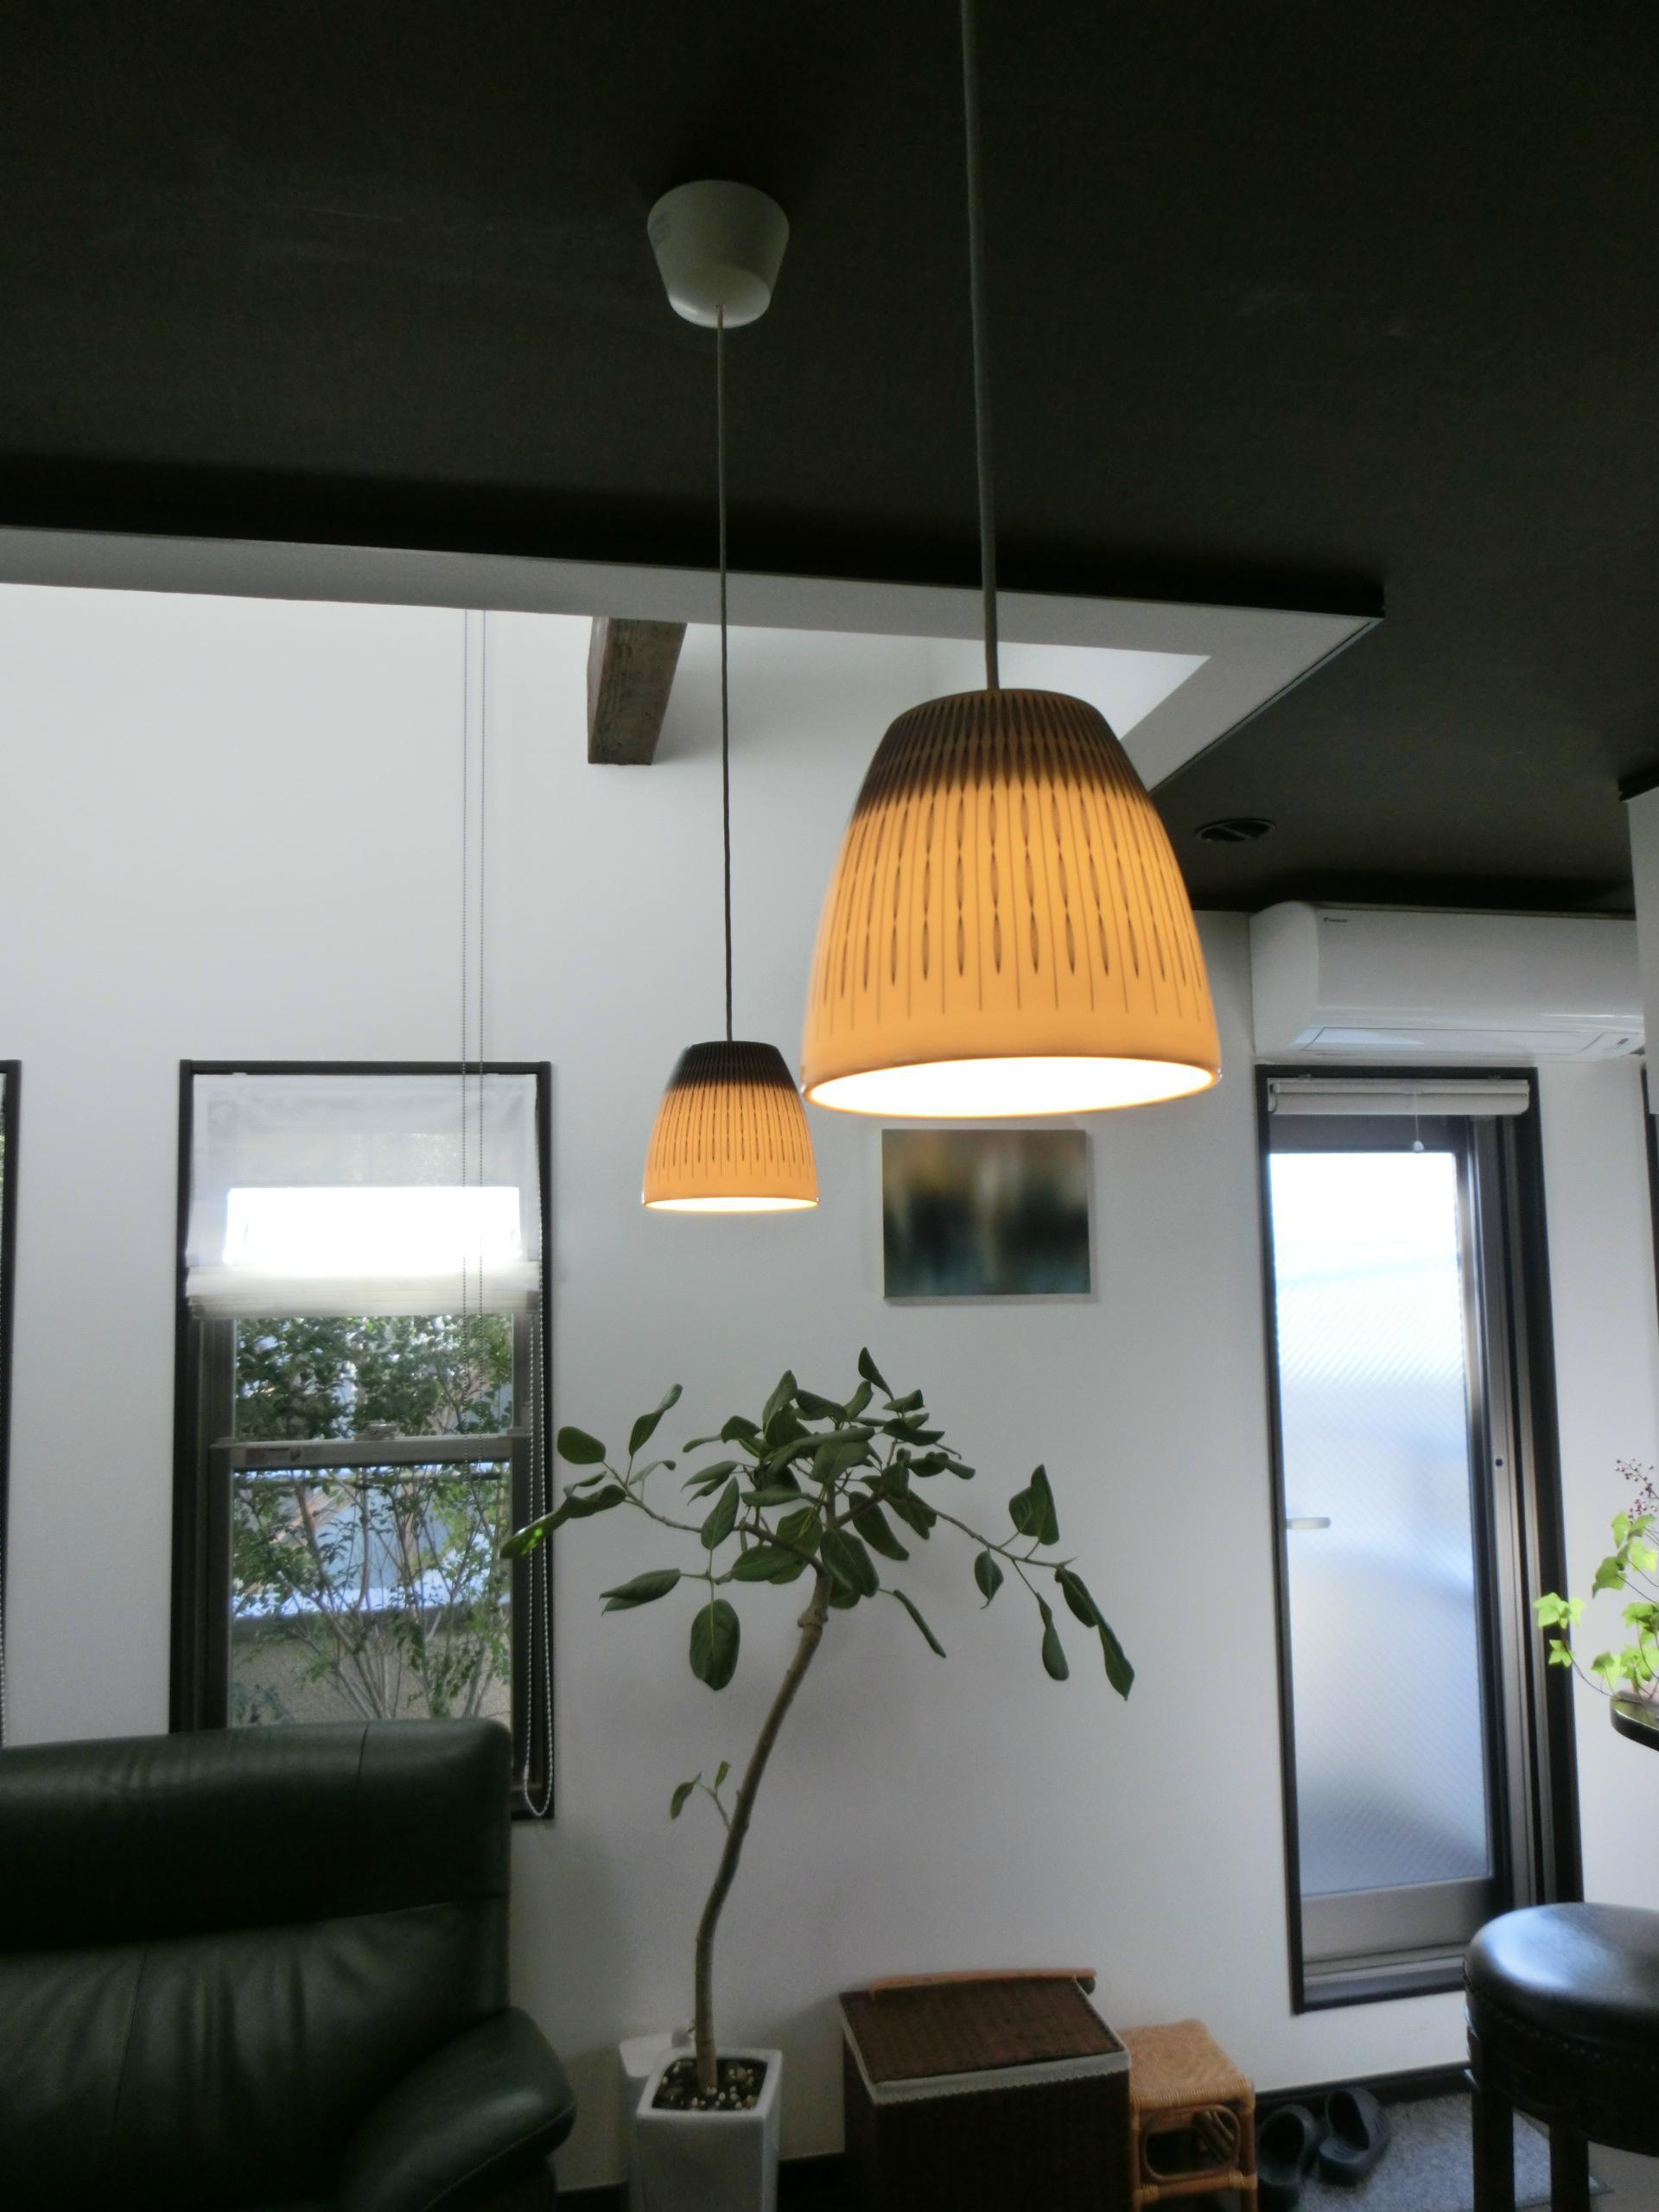 『手わざのコダワリ』と新しい建築技術の融合:東京都杉並区K様邸の写真 2階ダイニングテーブルのコードペンダント照明